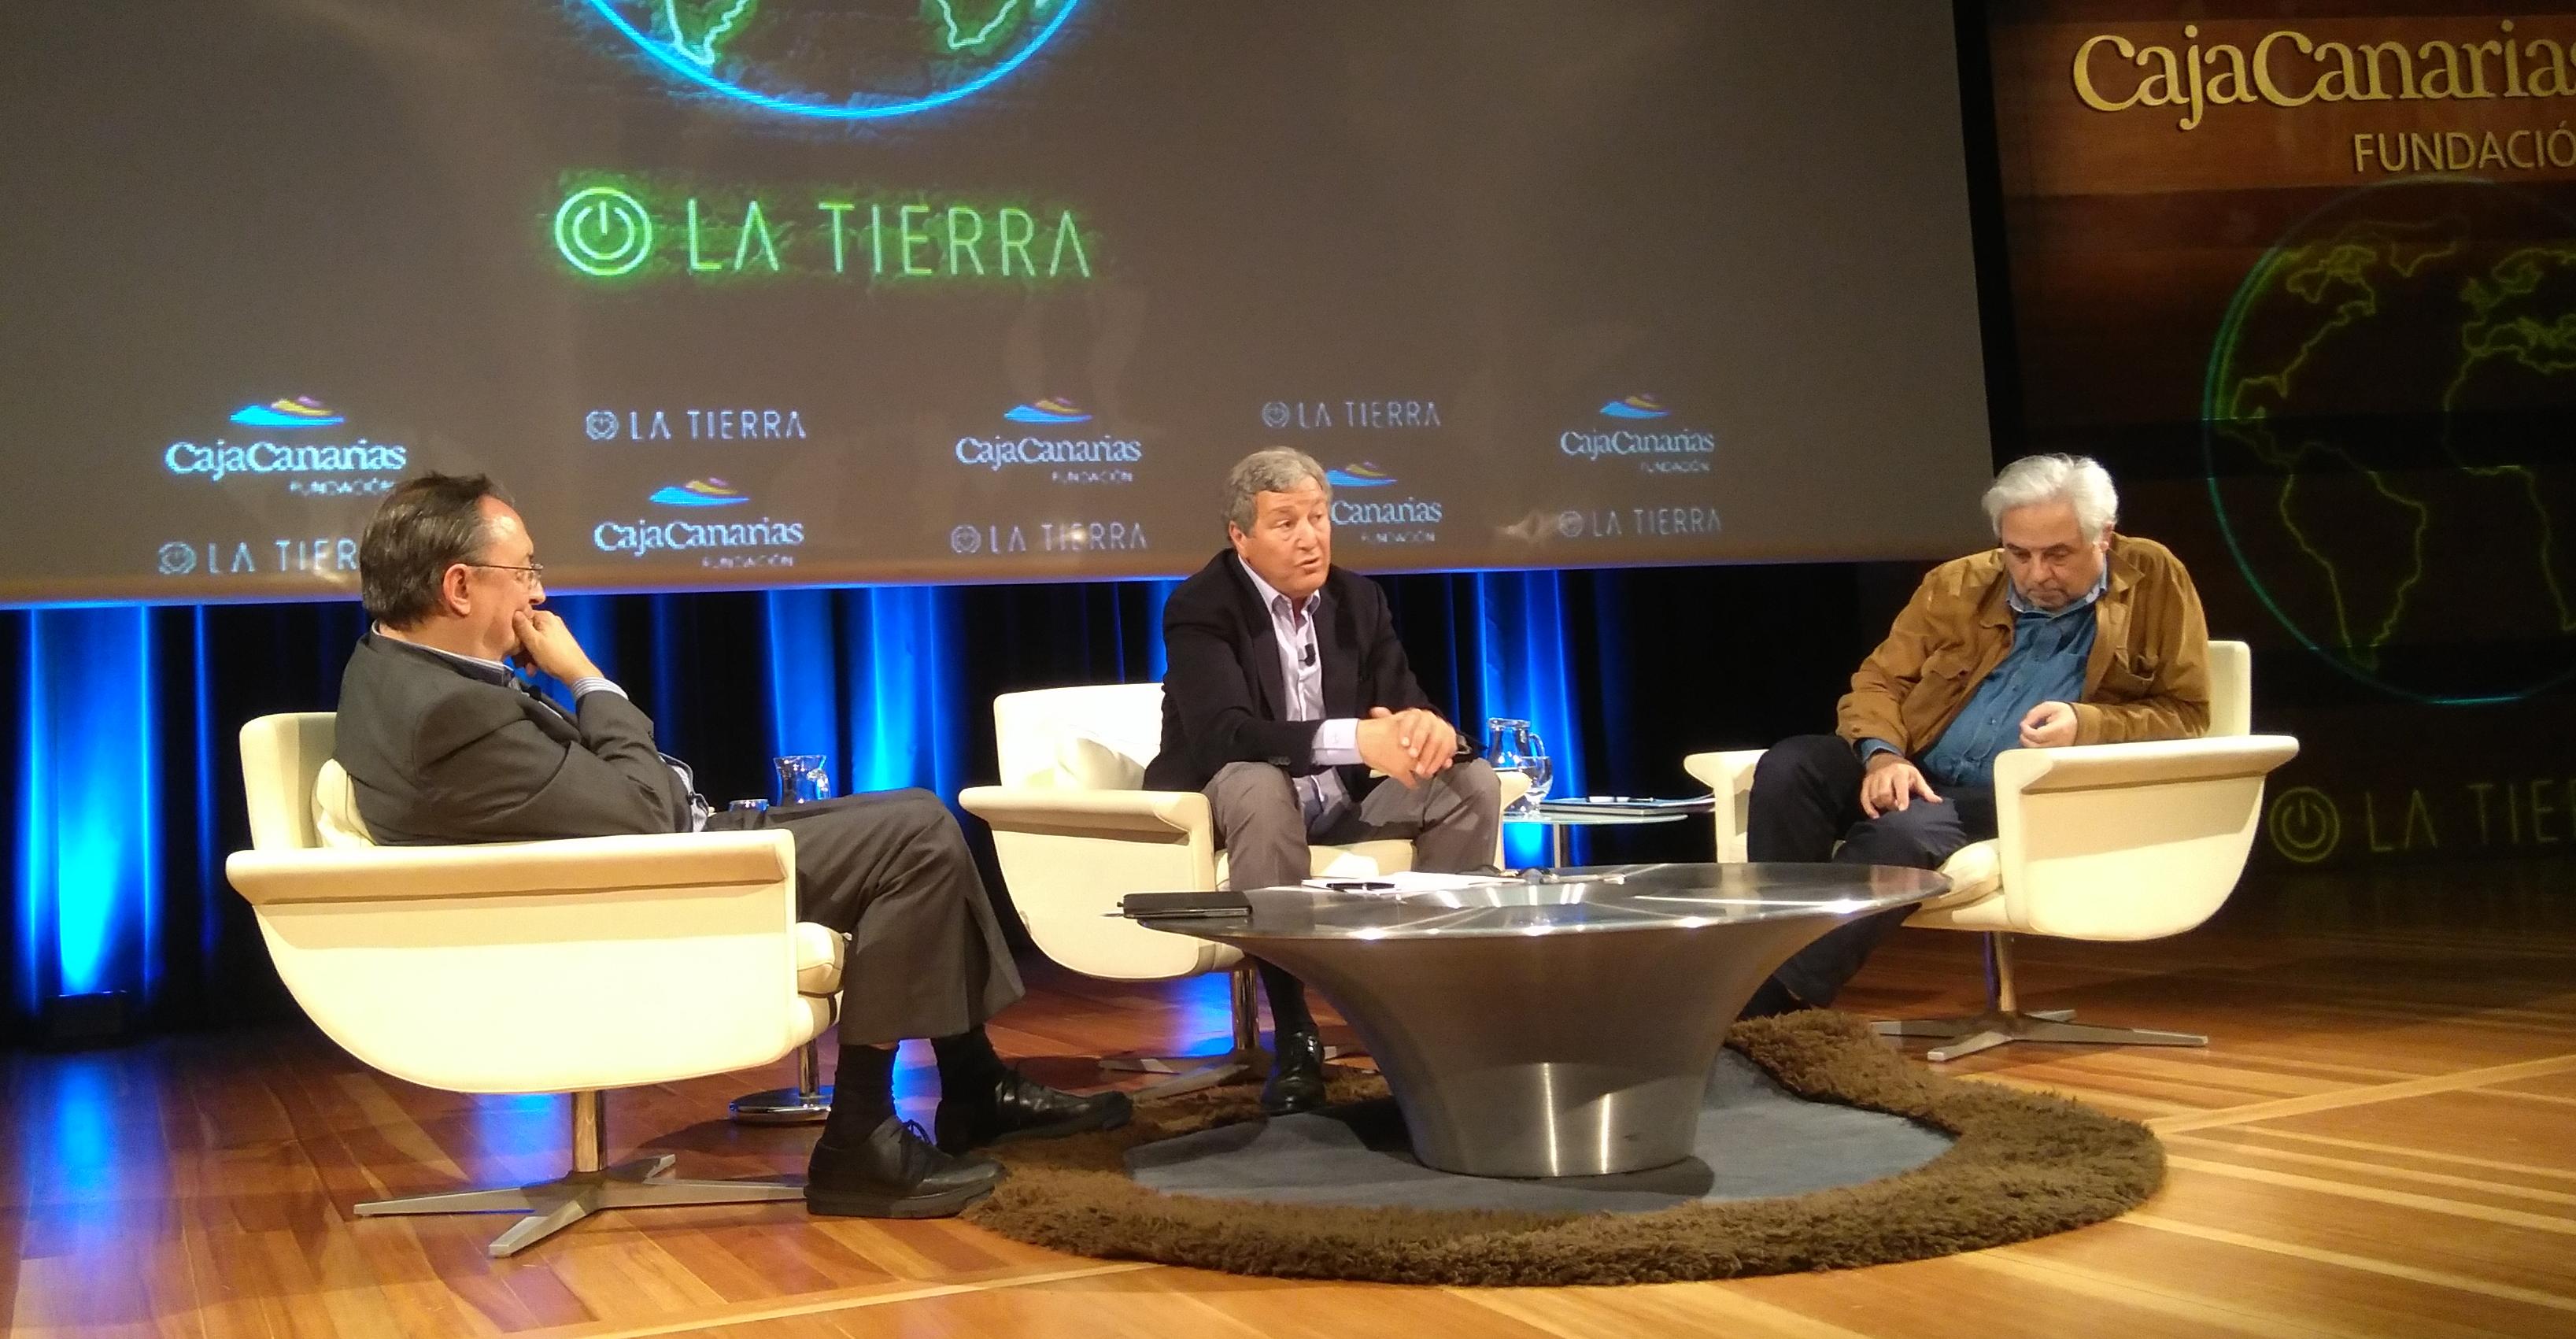 conferencia Enciende la Tierra CajaCanarias